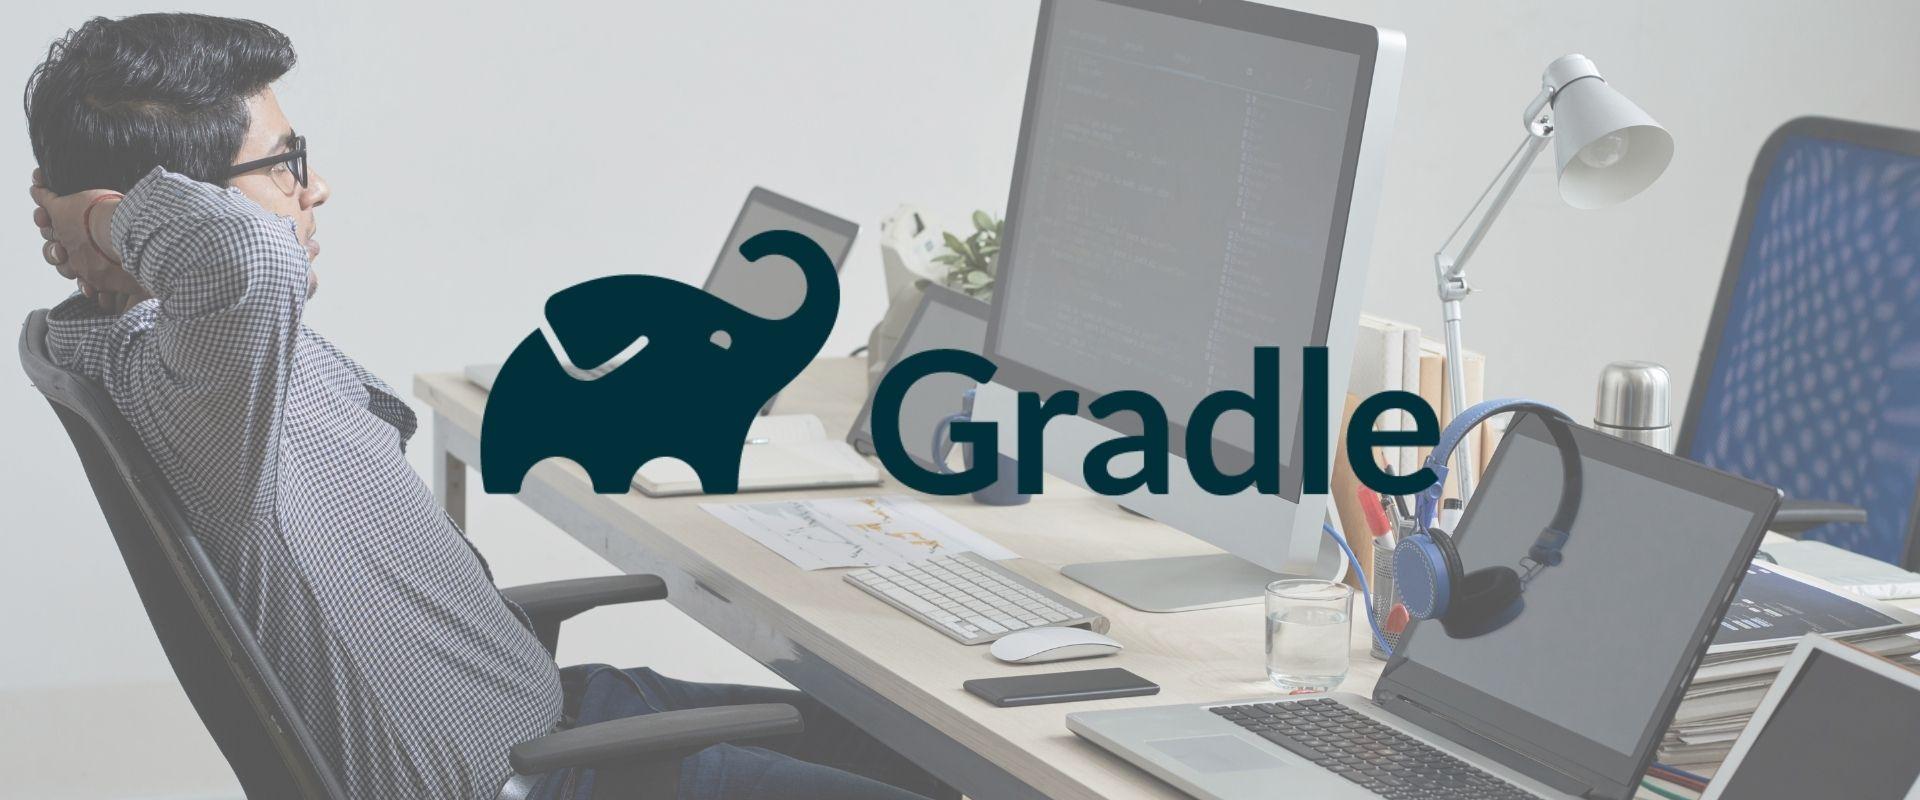 Gradle: saiba o que é e como utilizar